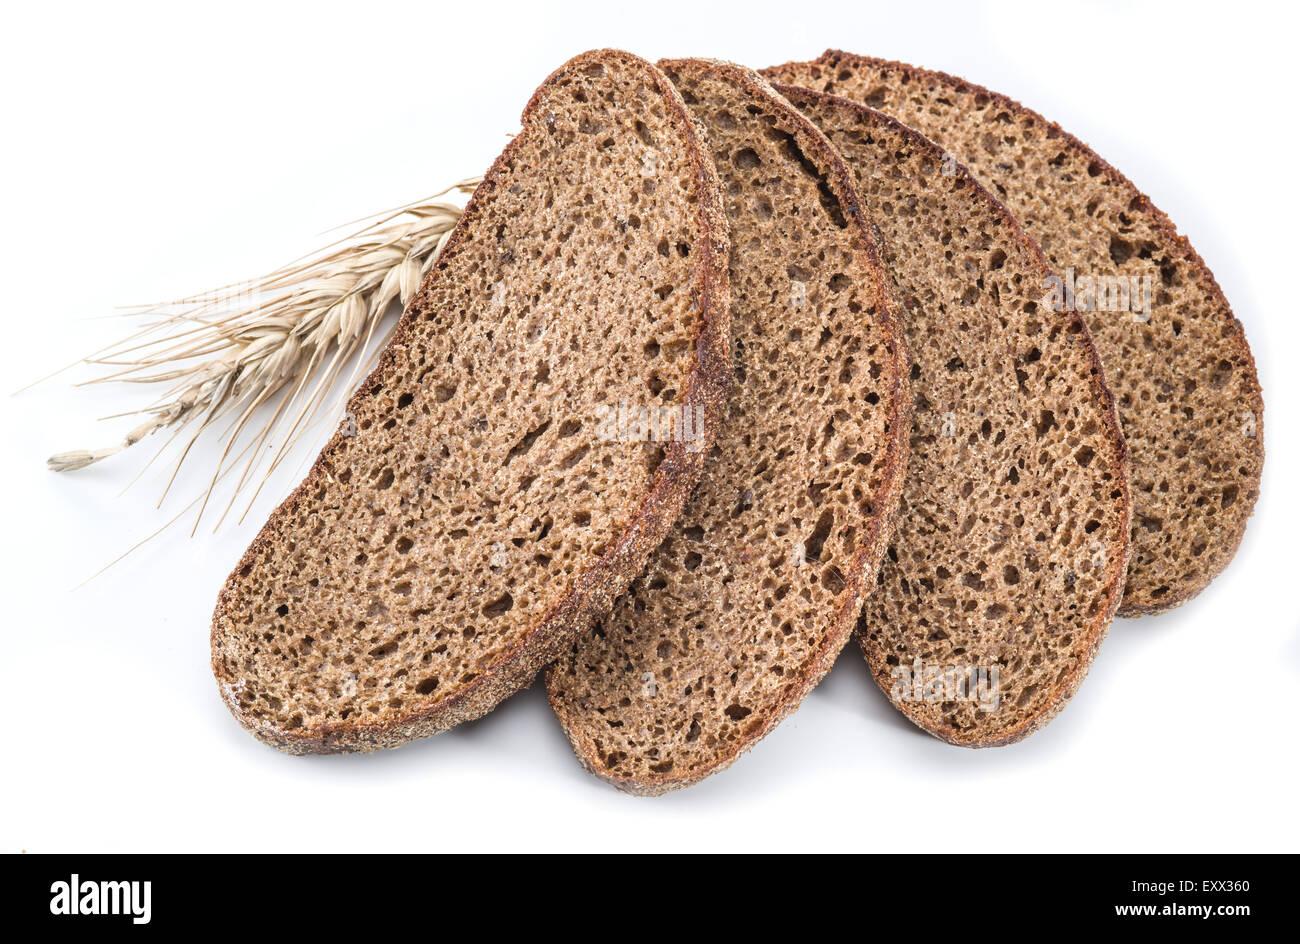 Le fette di pane su uno sfondo bianco. Immagini Stock